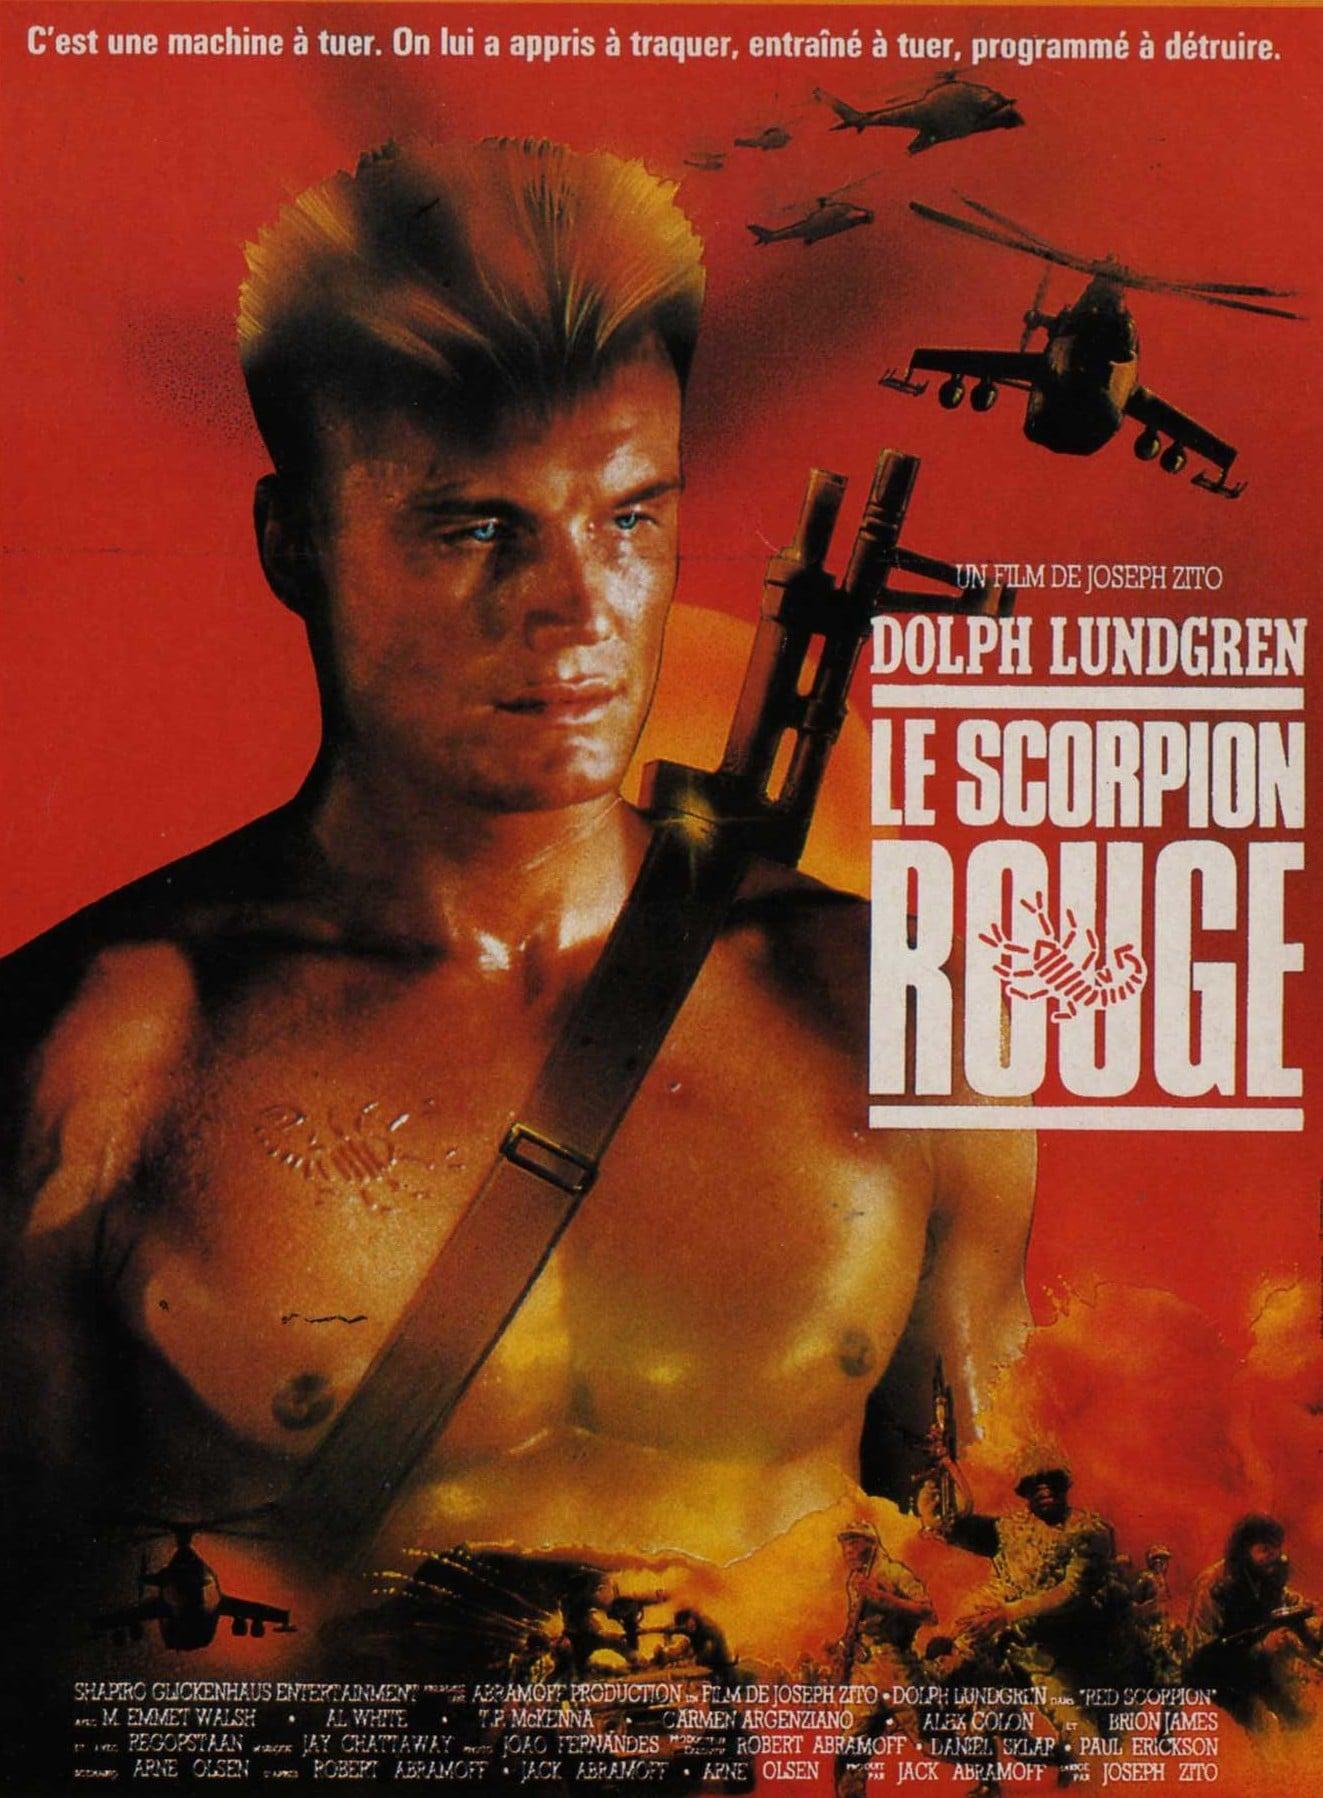 Плакаты с героями боевиков 80-х - 90-х годов